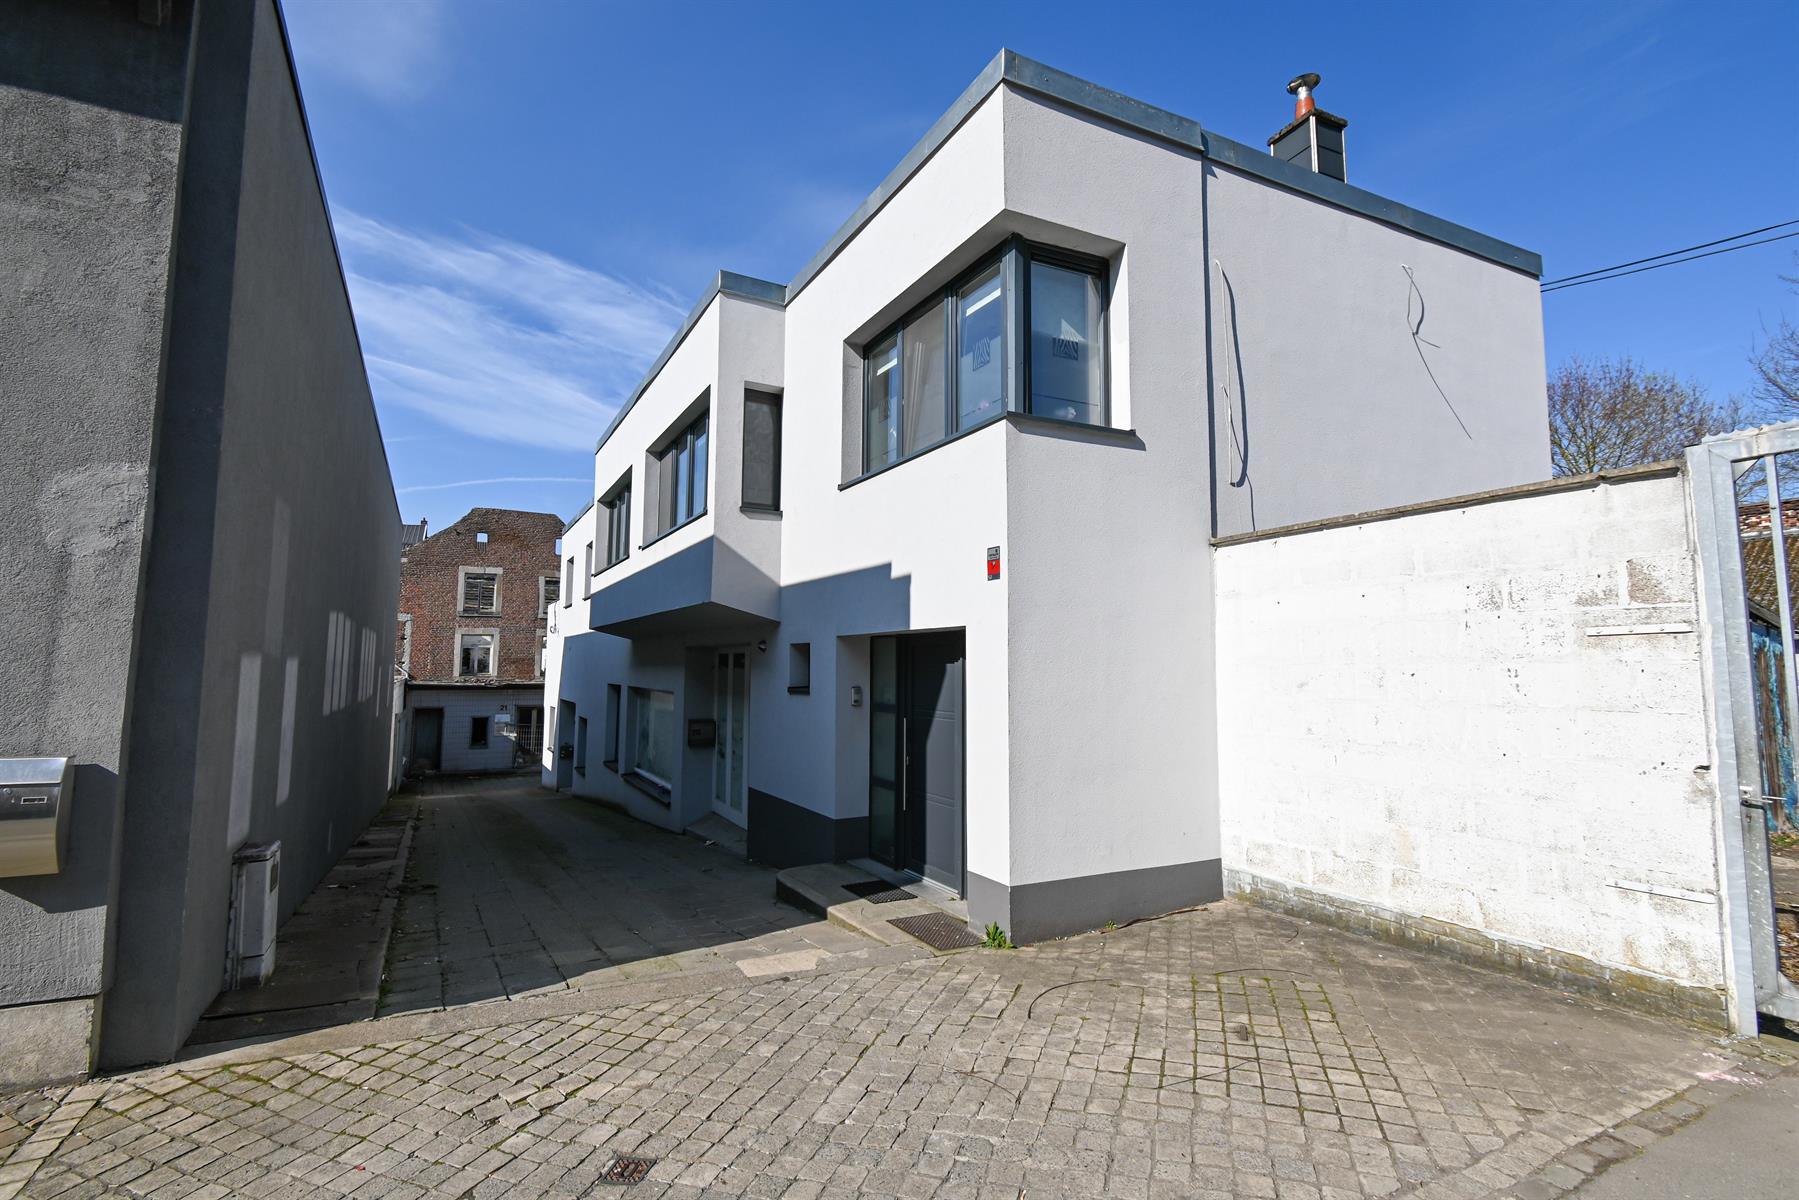 Maison - Verviers - #4320208-20